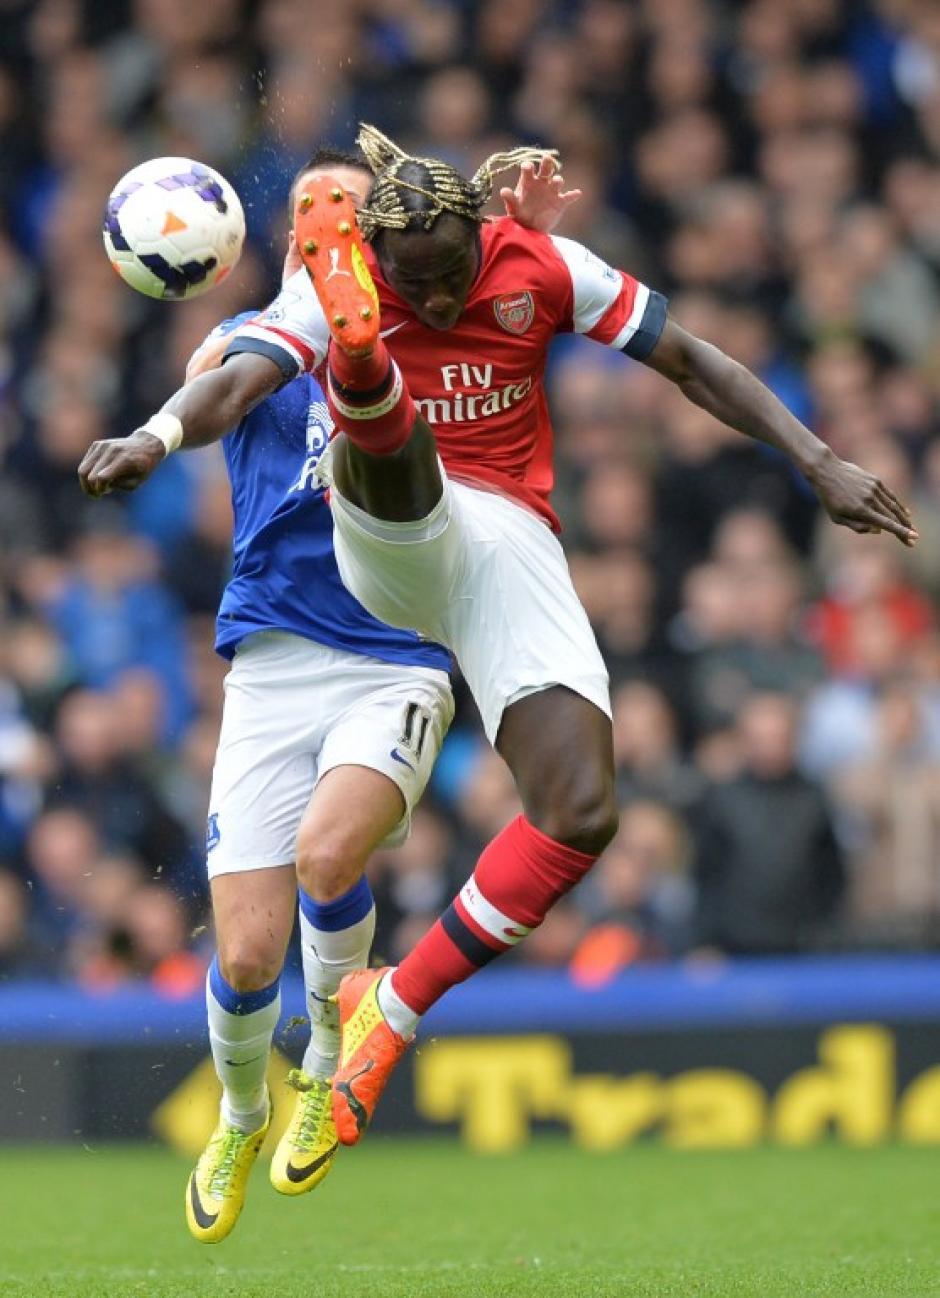 El Arsenal cayó 3-0 en el campo del Everton